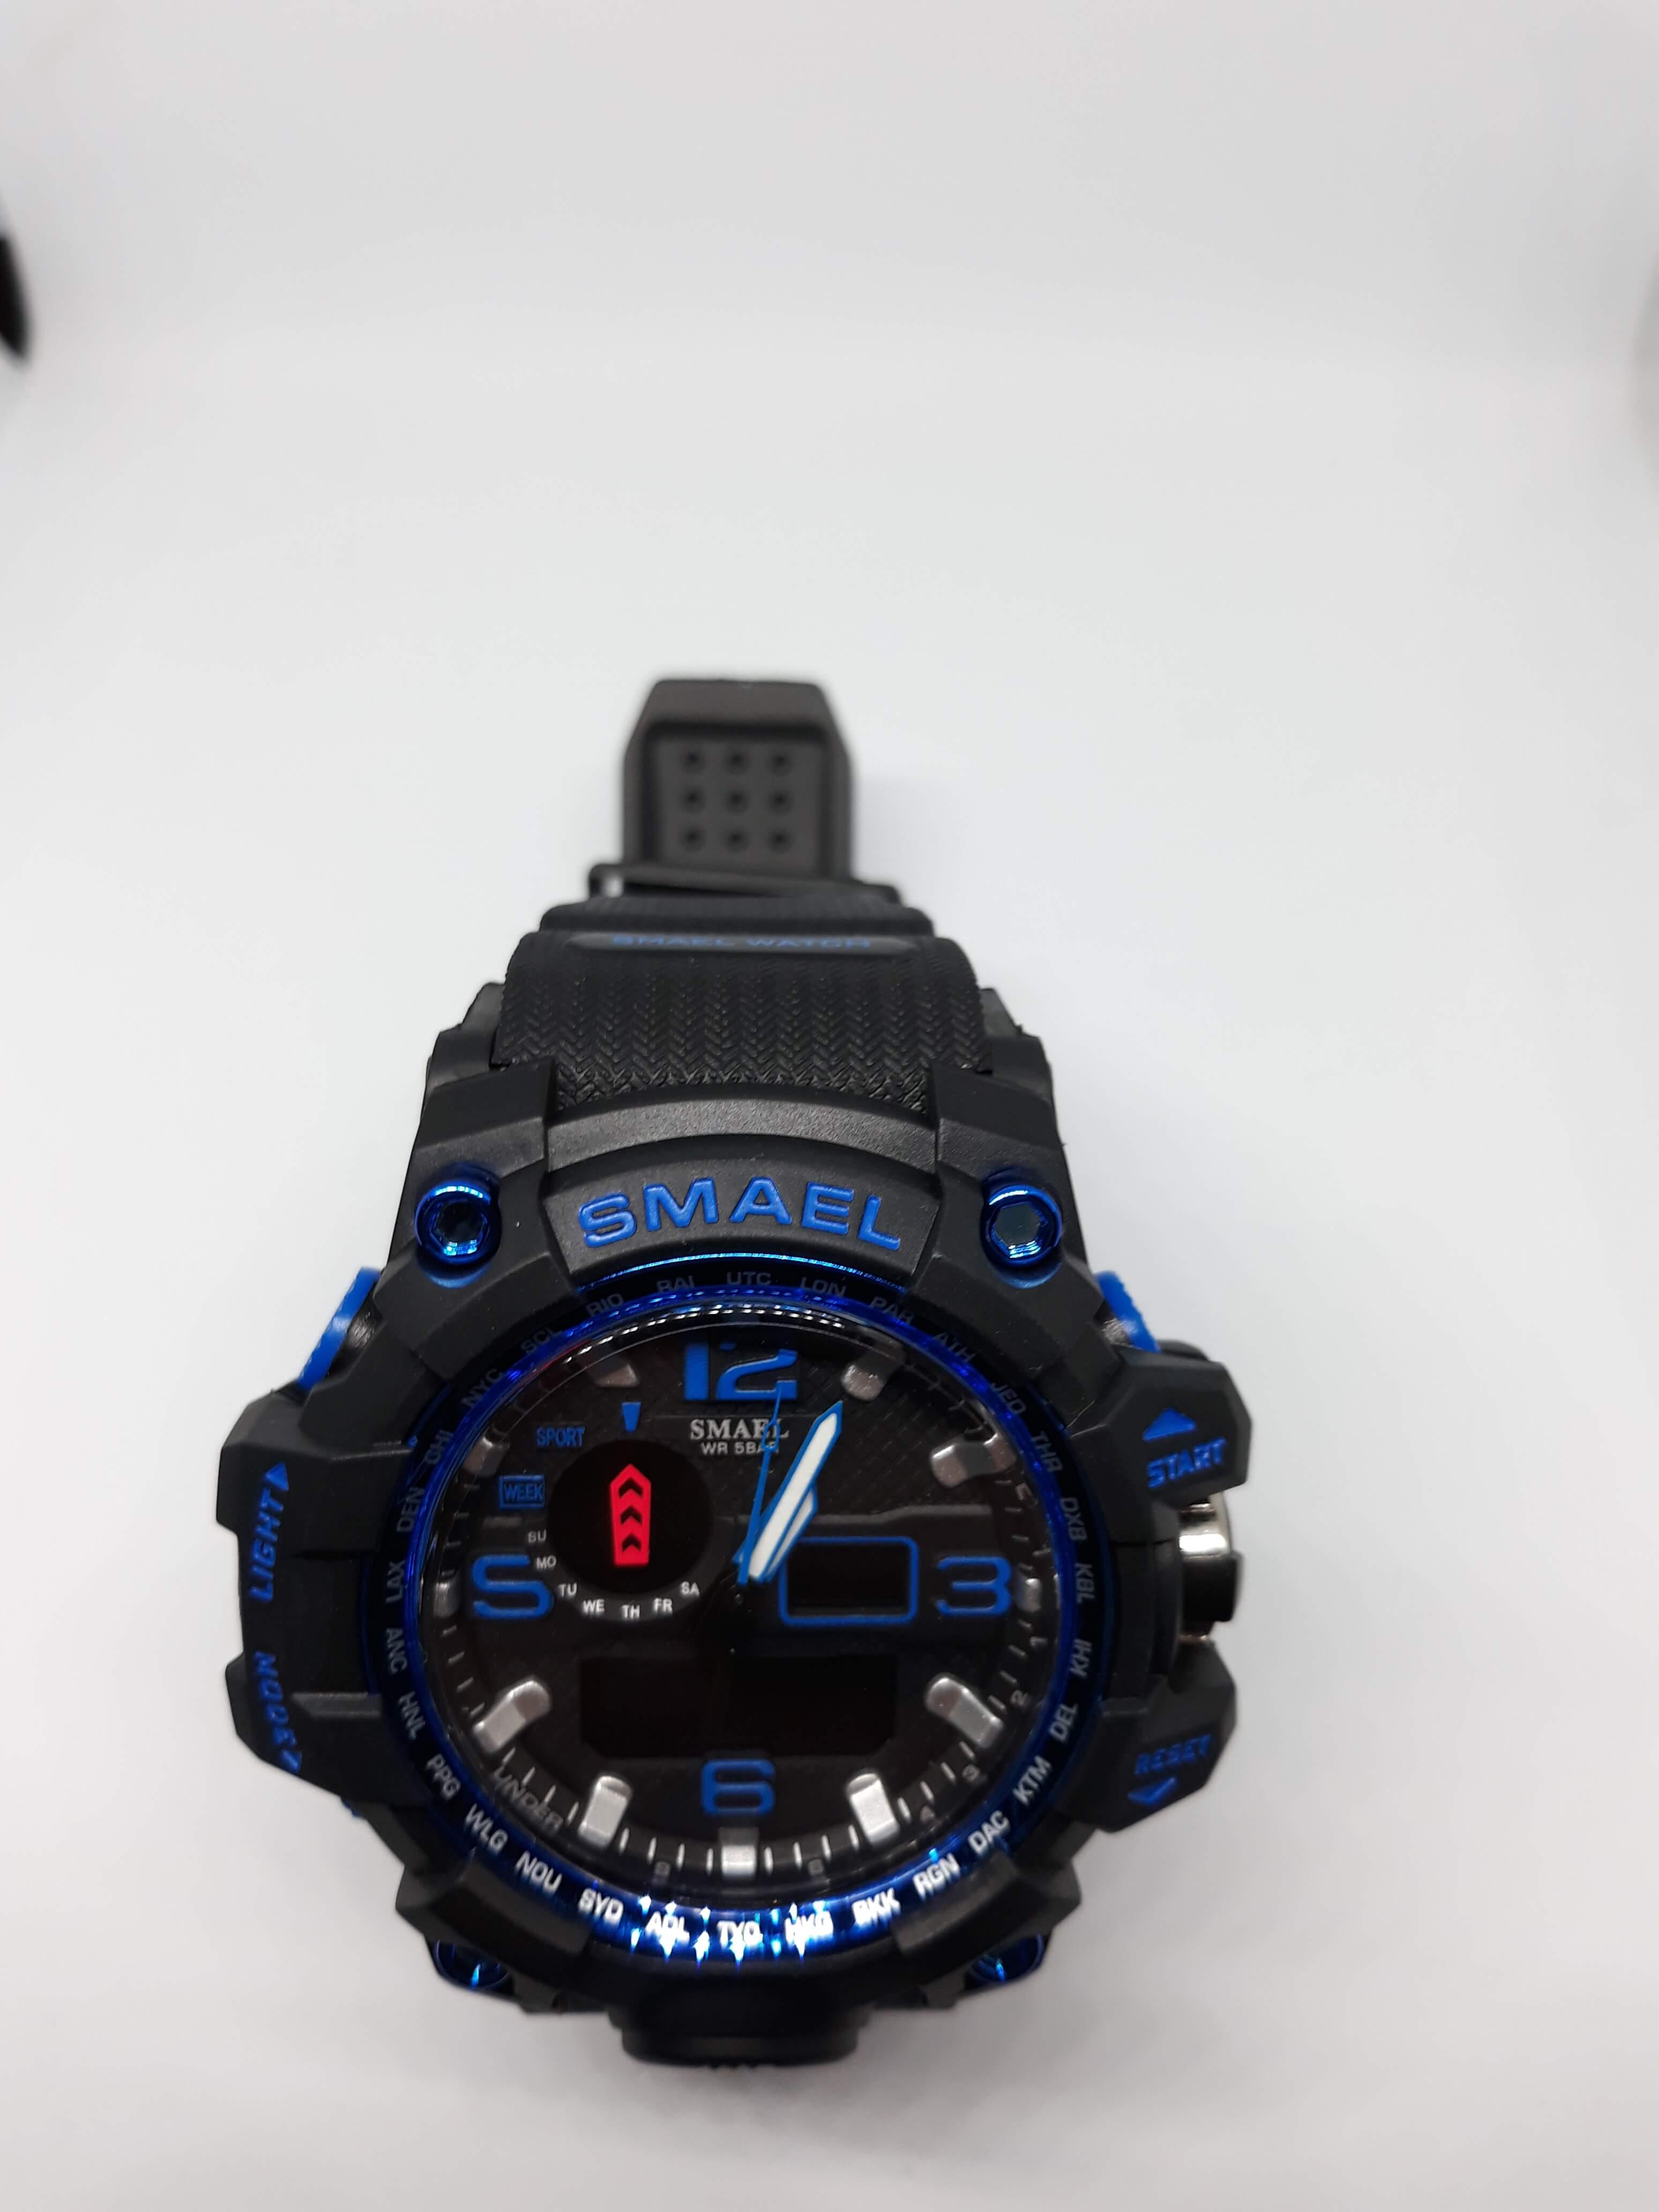 Zegarek Smael Camouflage niebieski czarny 15